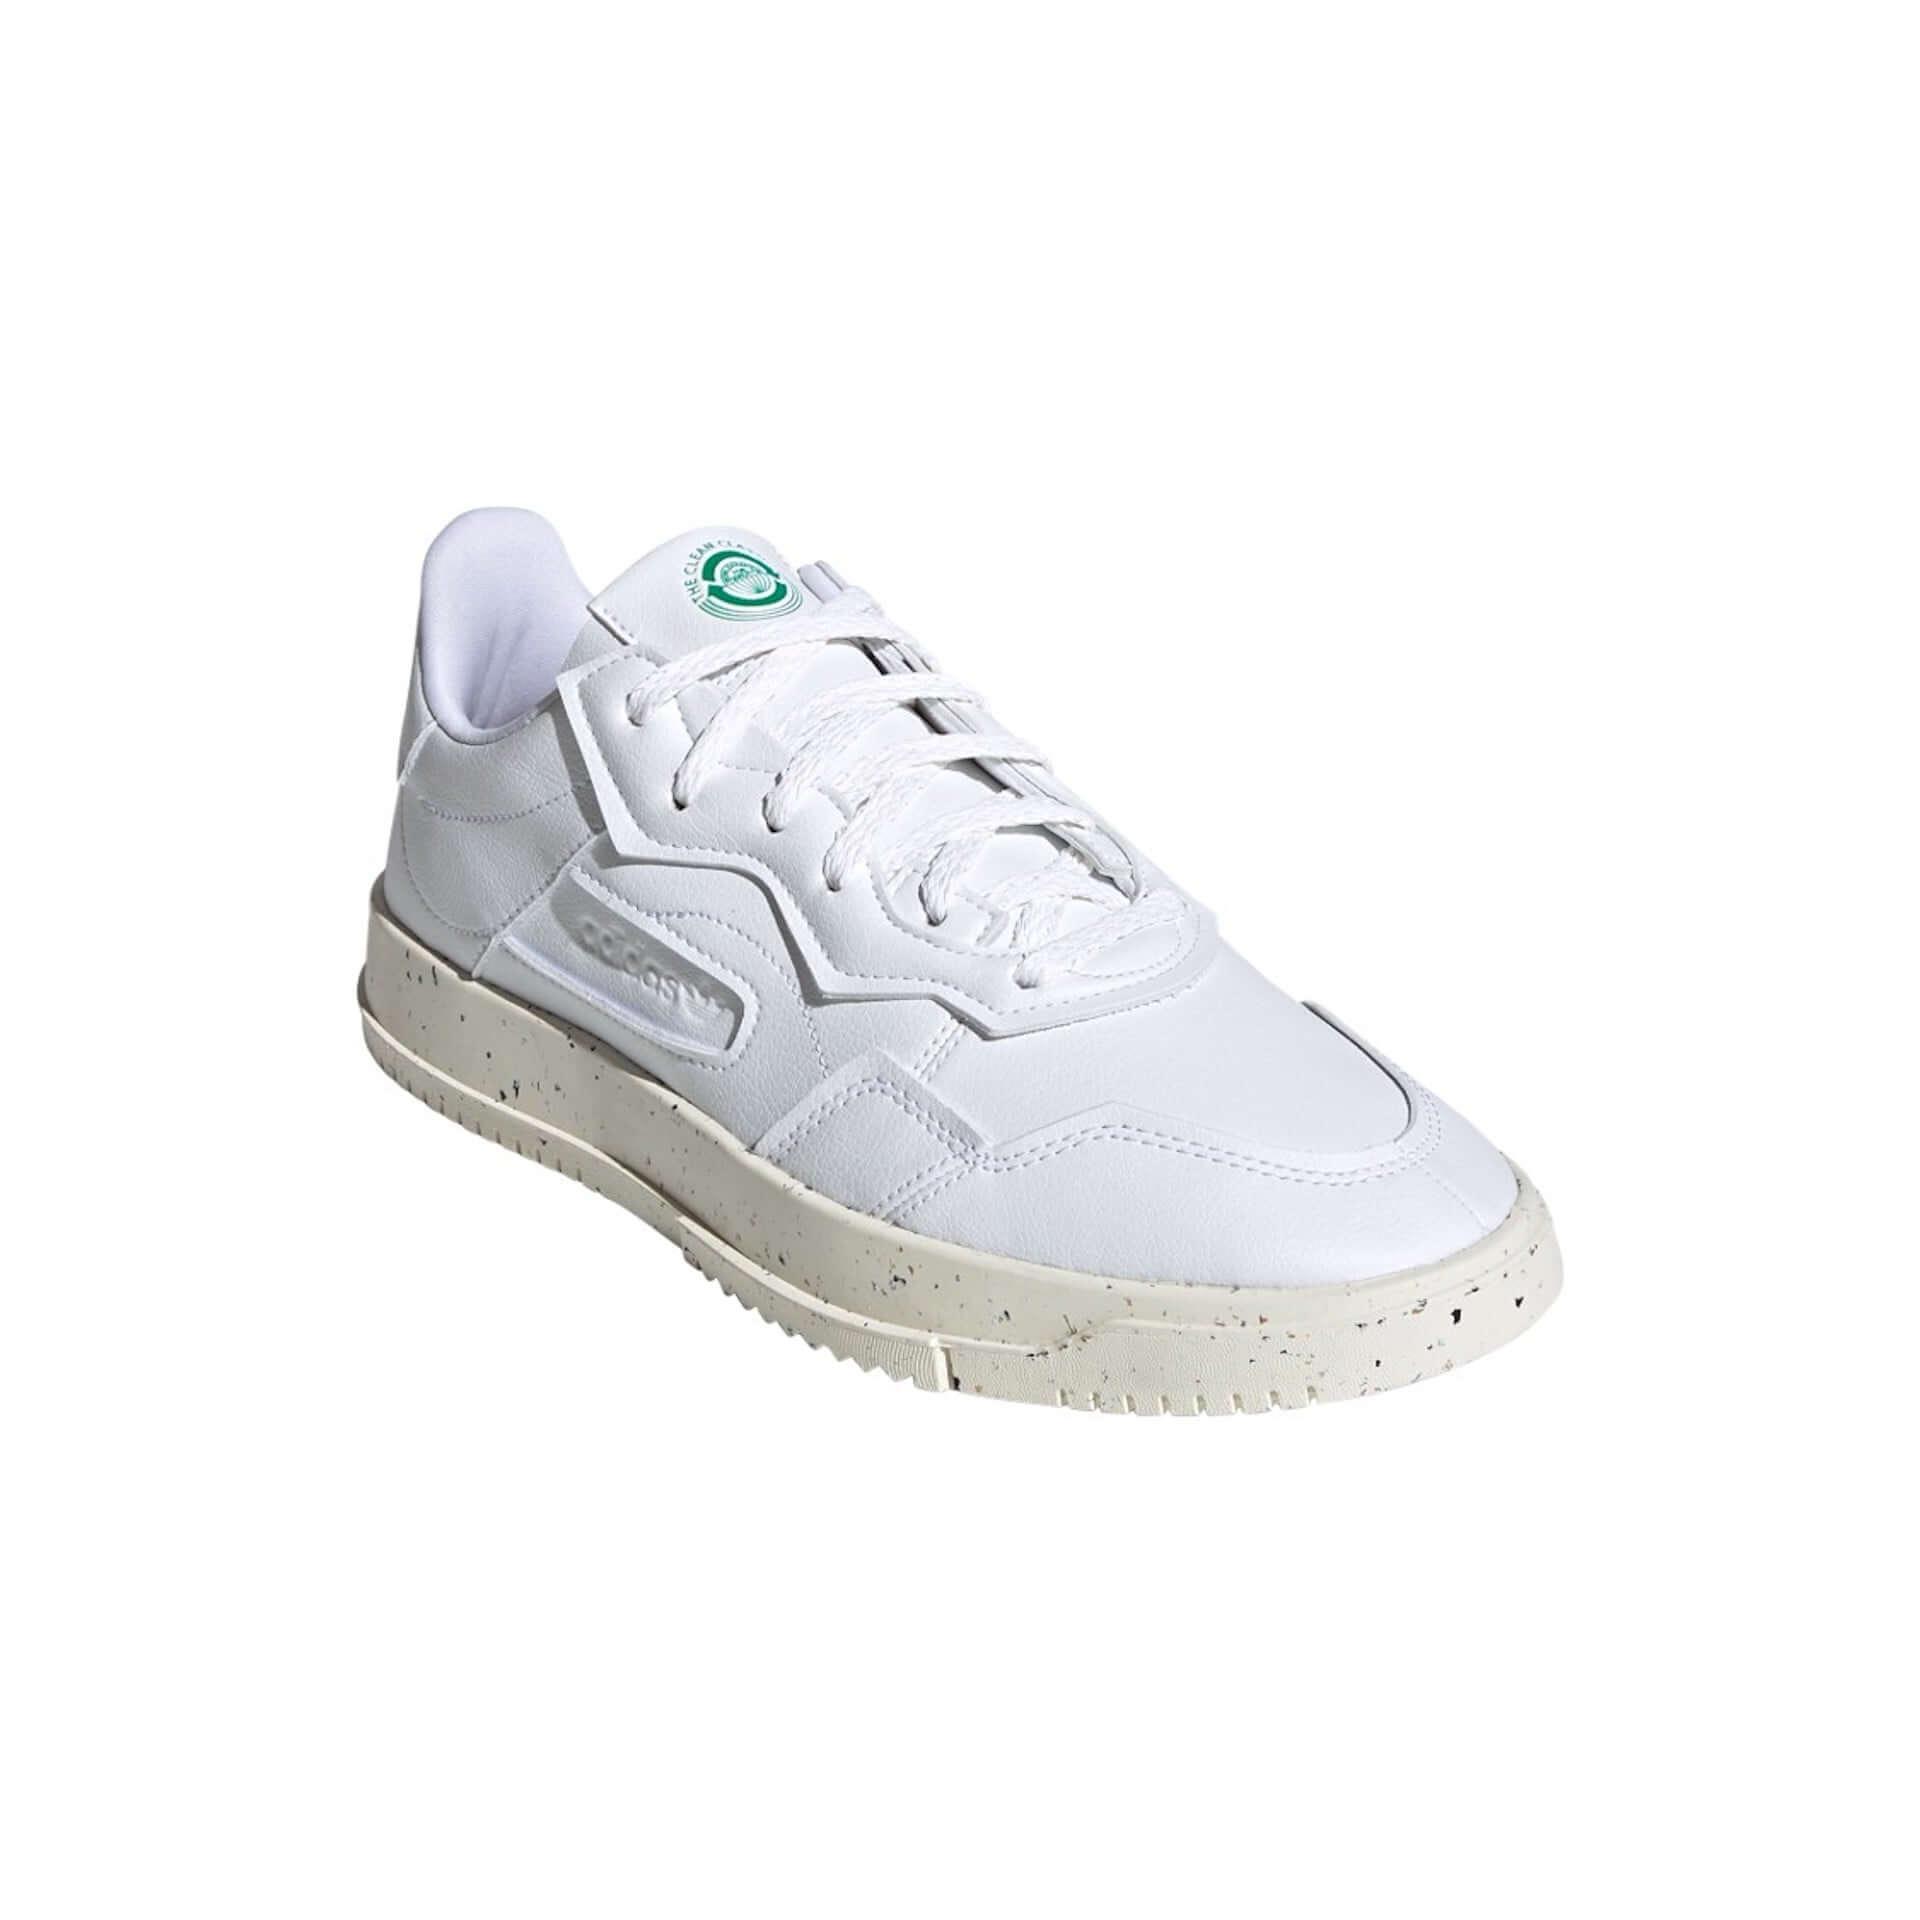 adidas Originalsがサステナブルなフットウェアコレクション「Clean Classics」を発売!名作「SUPERSTAR」「STAN SMITH」も登場 lf200804_adidas-cleanclassics_14-1920x1920